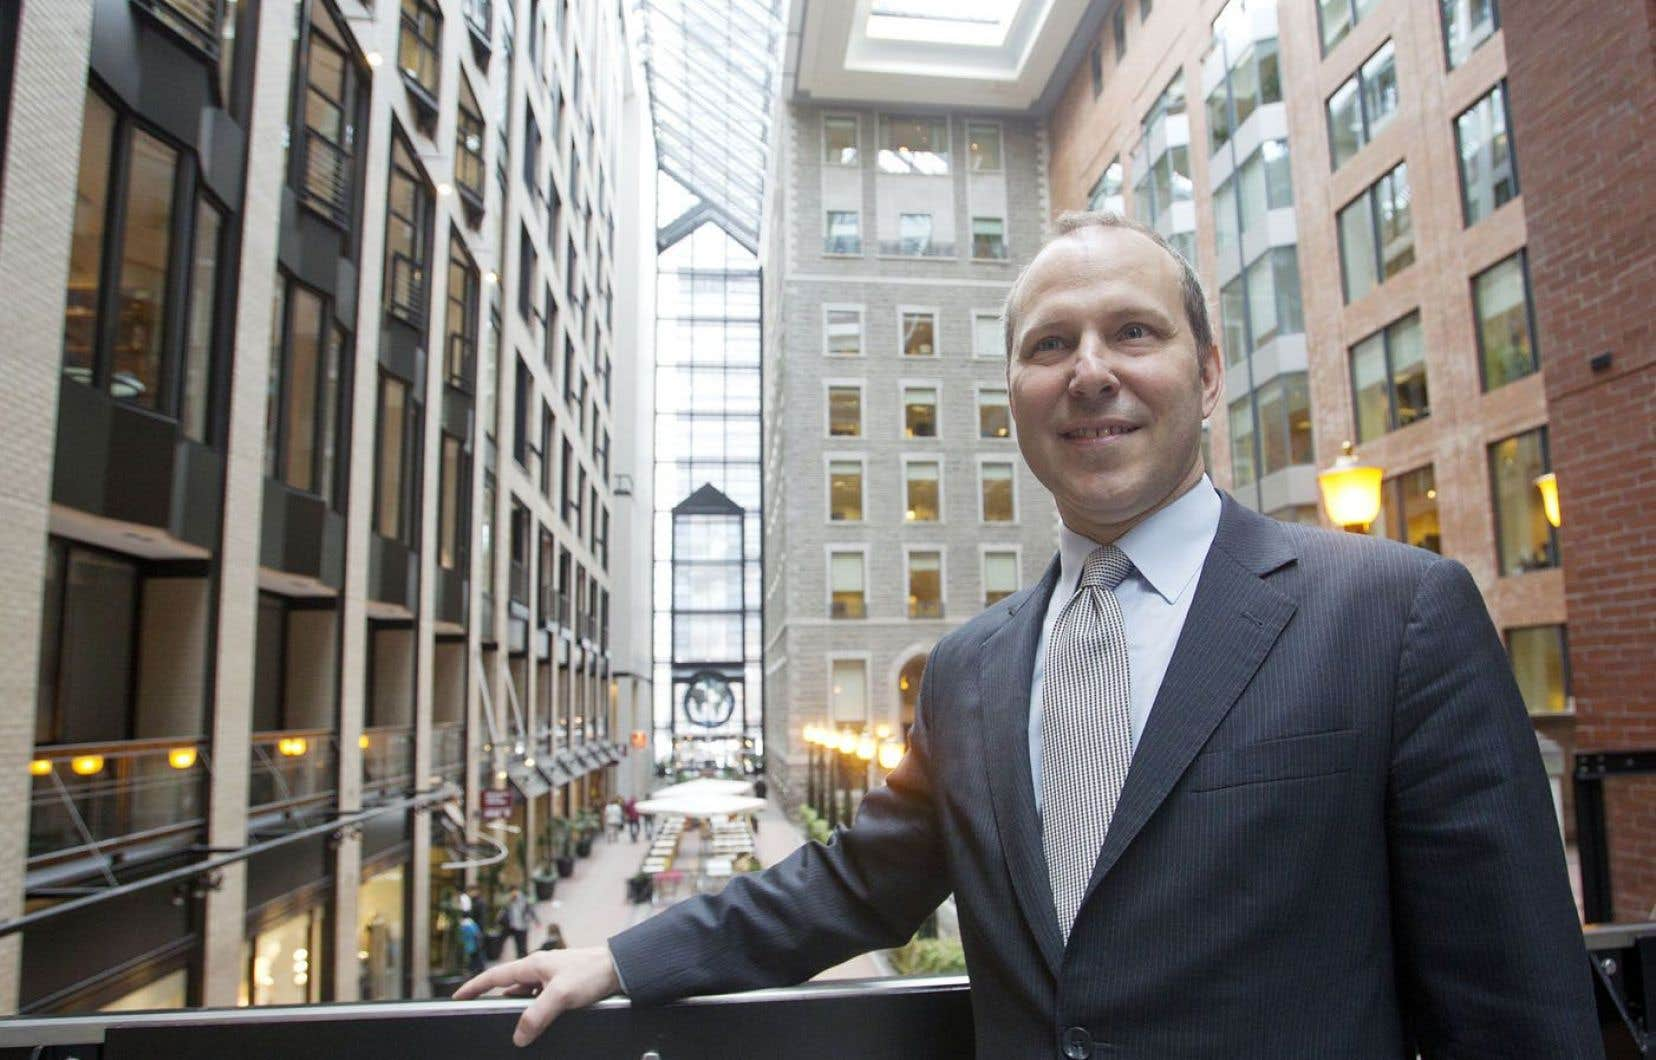 Selon le président et chef de la direction de la Chambre de commerce du Montréal métropolitain, Michel Leblanc, l'employeur devrait pouvoir demander à un employé futur ou actuel s'il a un trouble d'apprentissage.